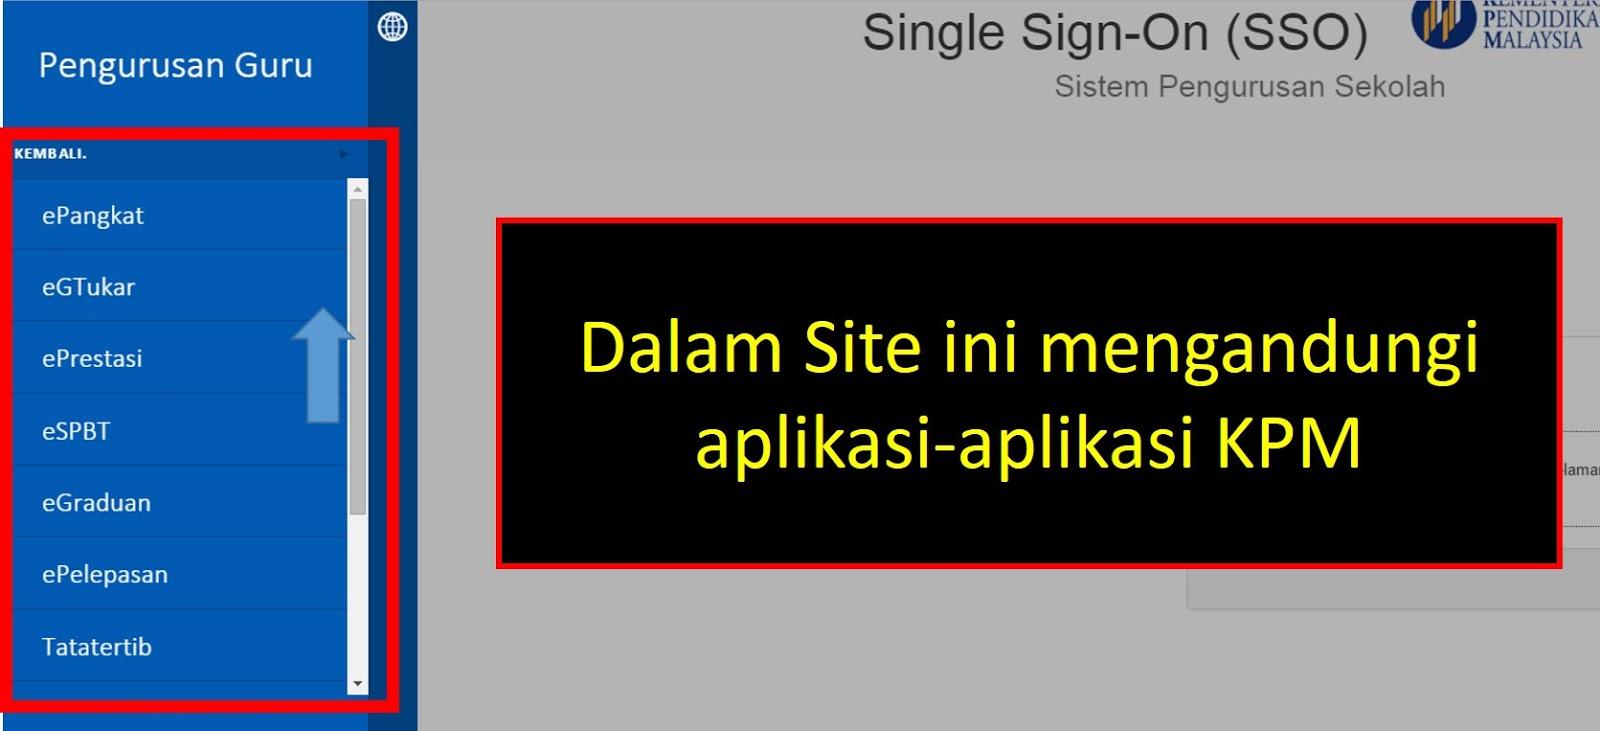 Daftar Single Sign-On 1 Password Untuk Semua Aplikasi KPM - Mykssr.com